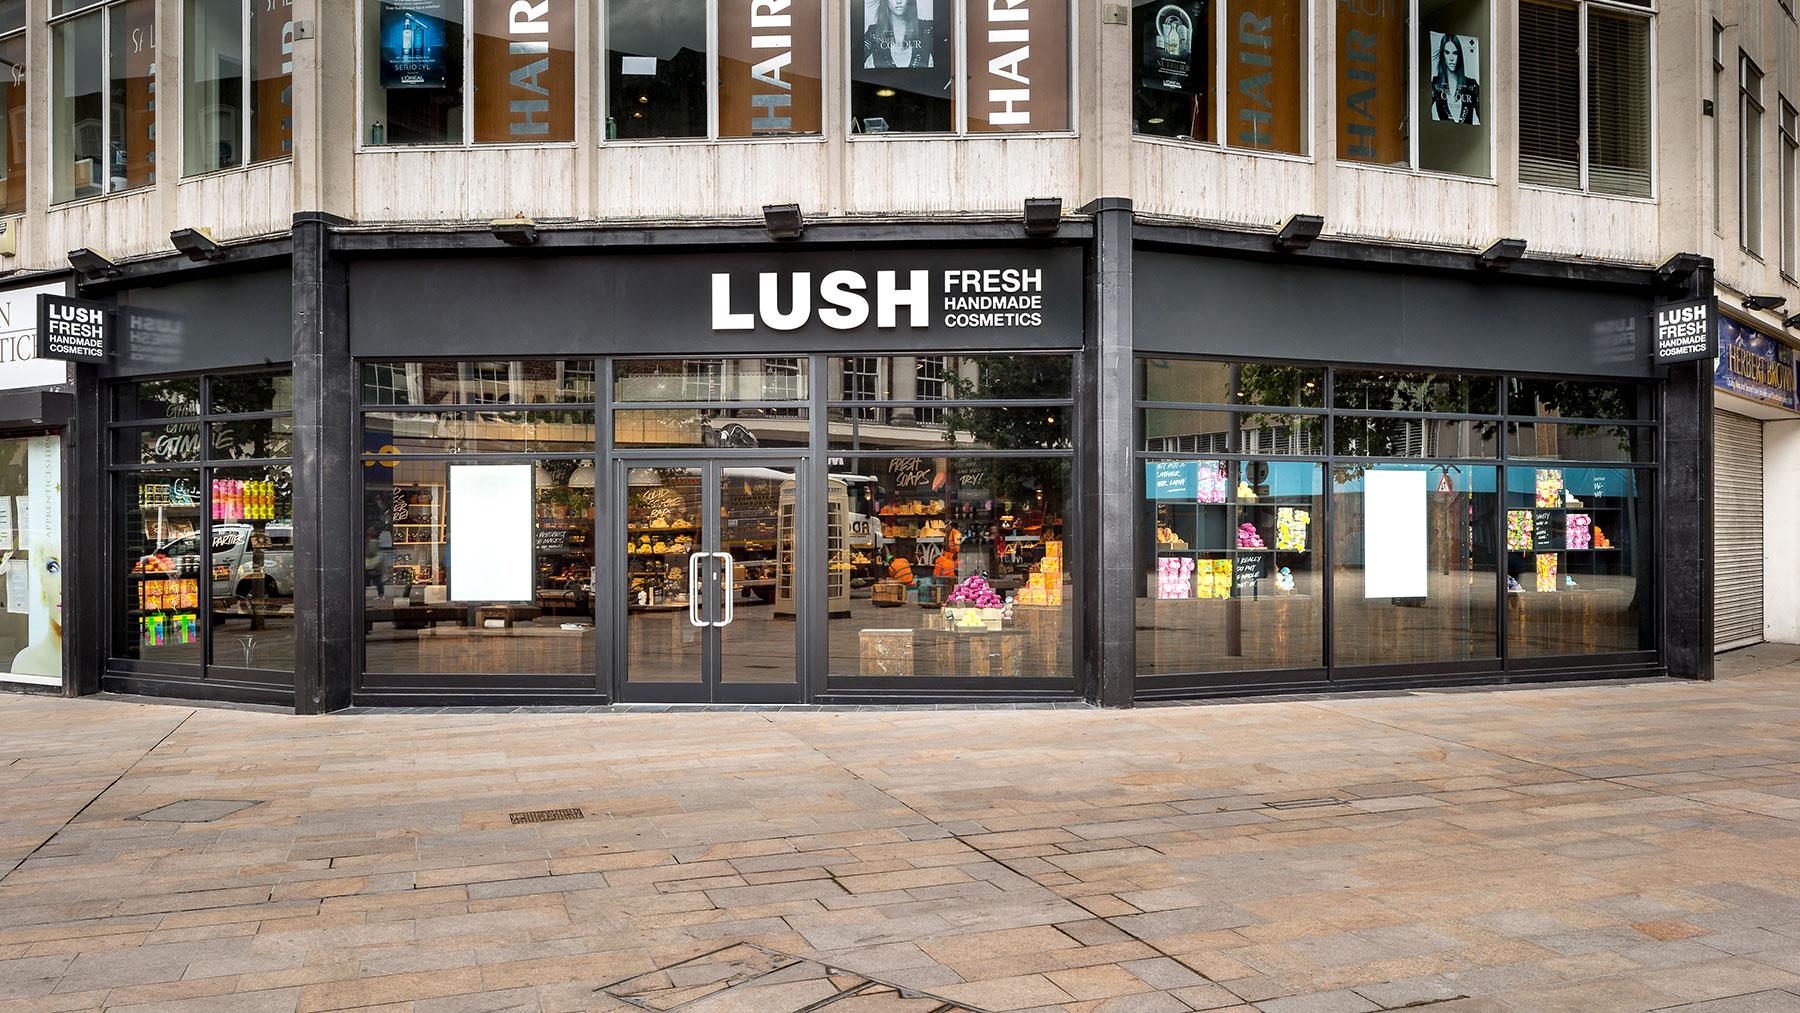 hull lush fresh handmade cosmetics uk